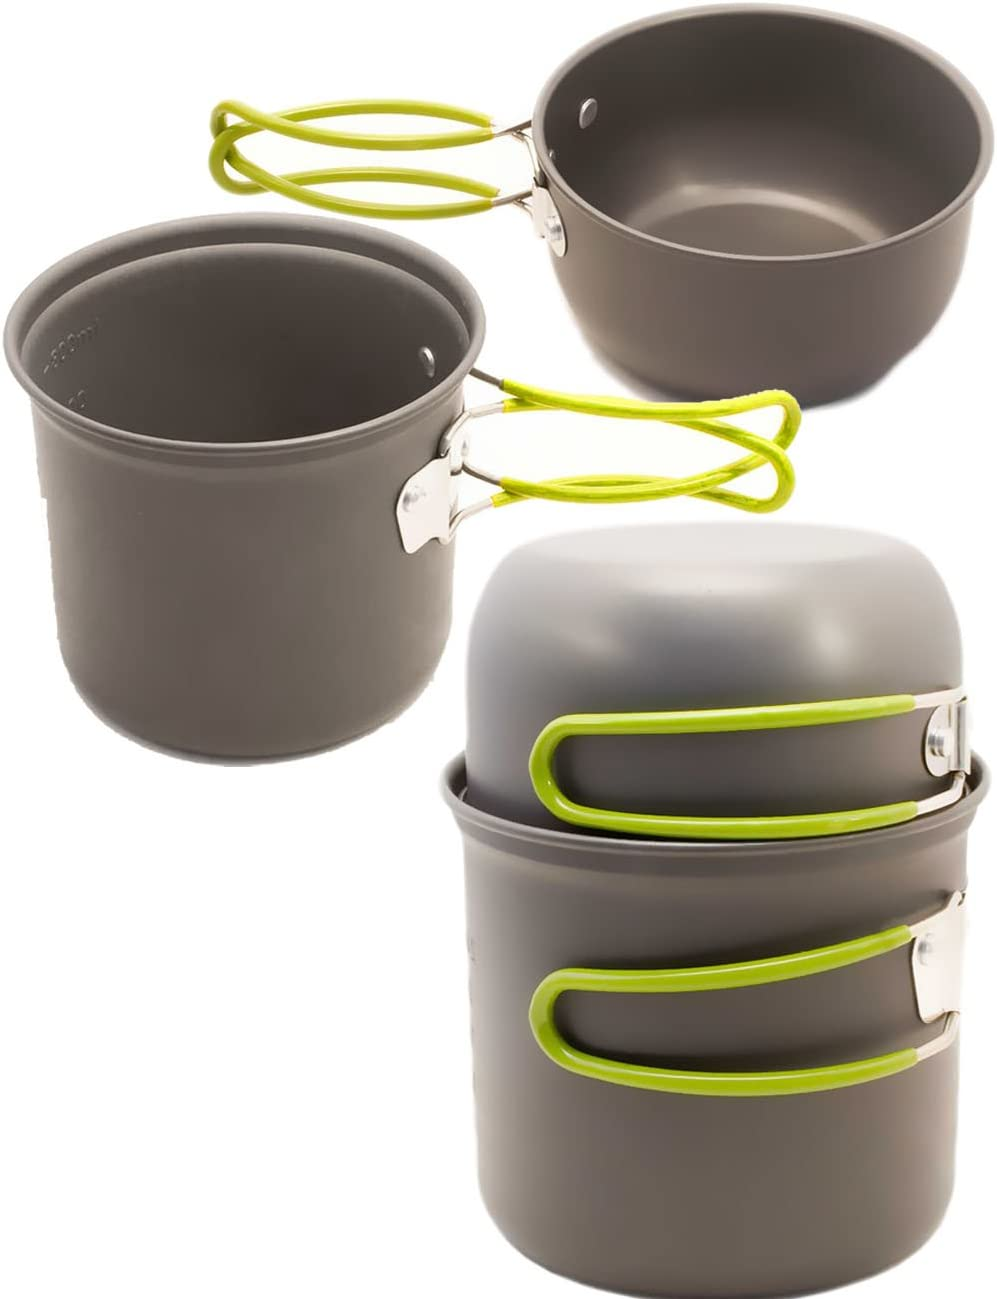 OUTDOOR SAXX® - Batería de cocina de viaje de 3 piezas, sartén, fogata, parrilla, hornillo, con bolsa de transporte, 800 ml, 3 piezas.